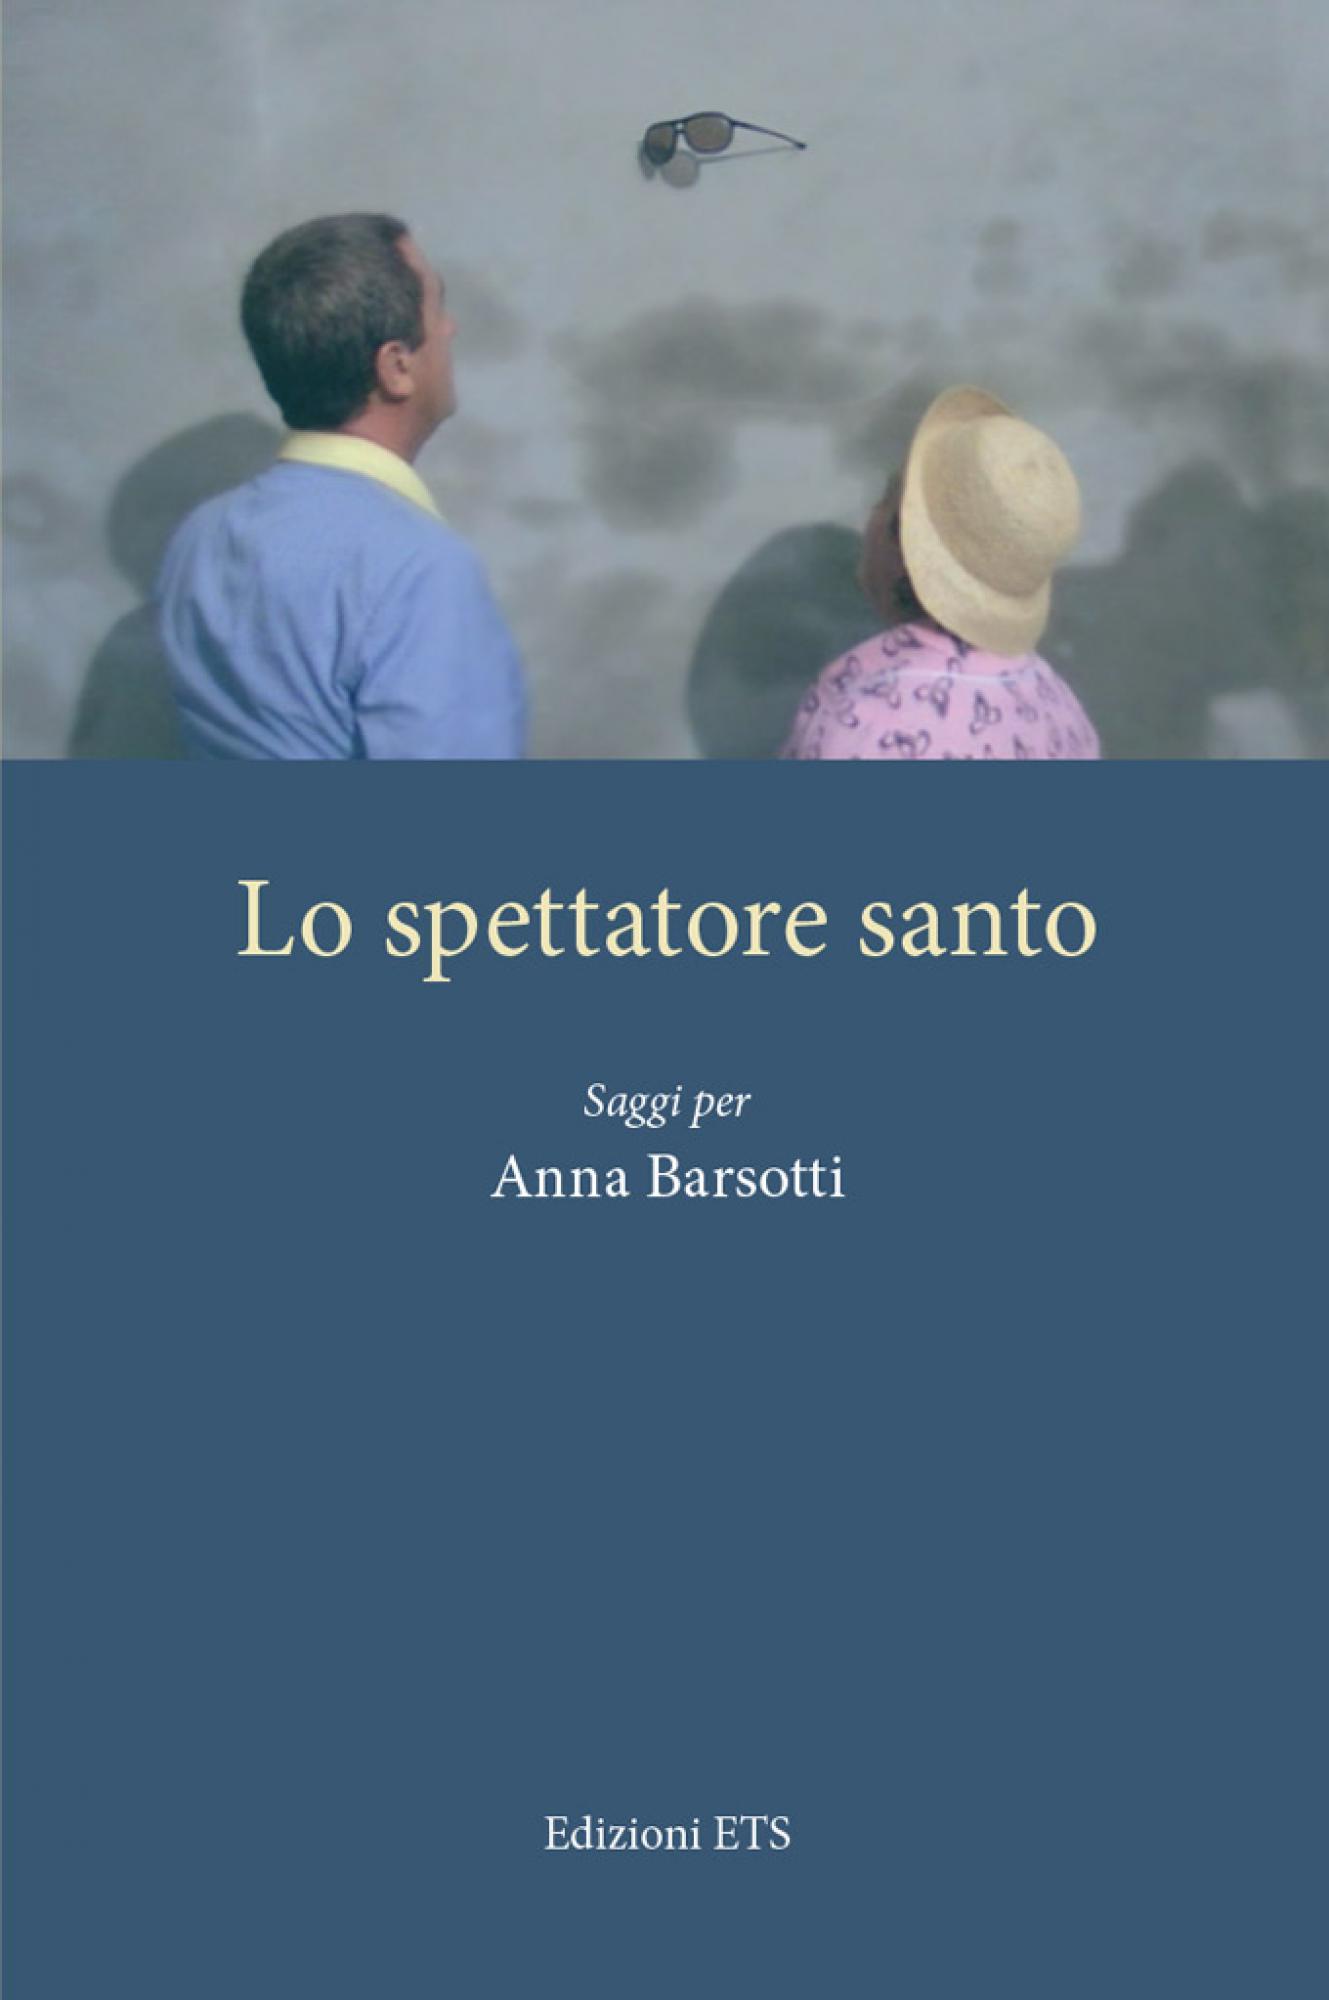 Lo spettatore santo.saggi per Anna Barsotti